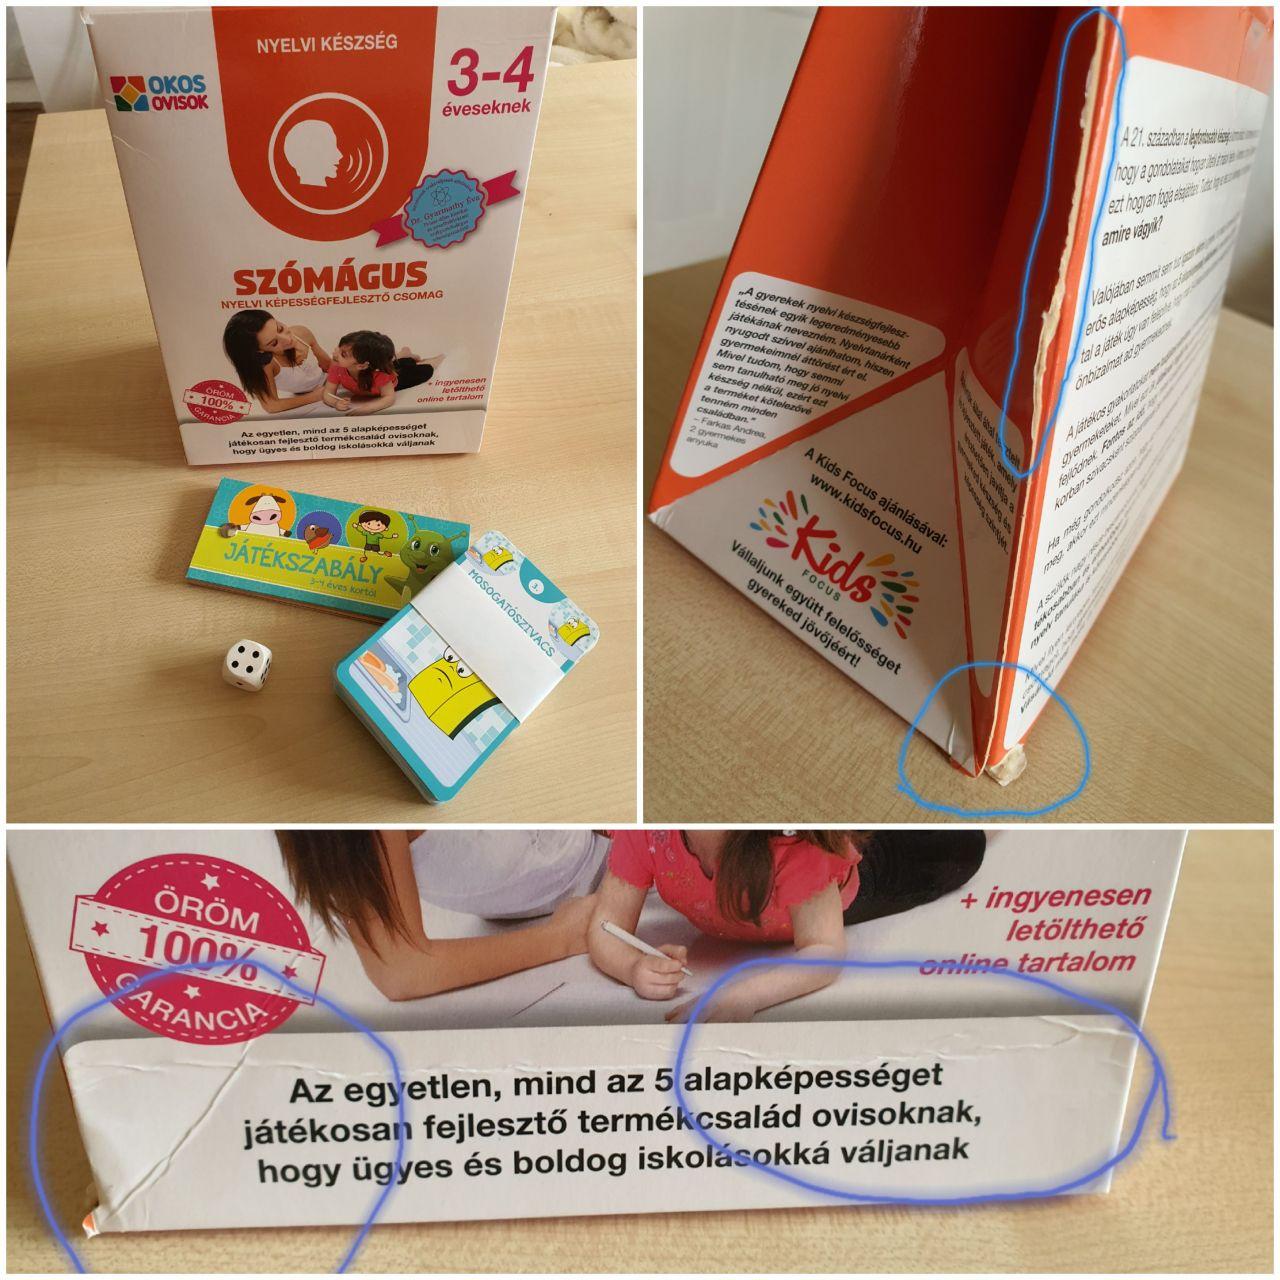 Szómágus – nyelvi képességfejlesztő csomag 3–4 éveseknek (szépséghibás)